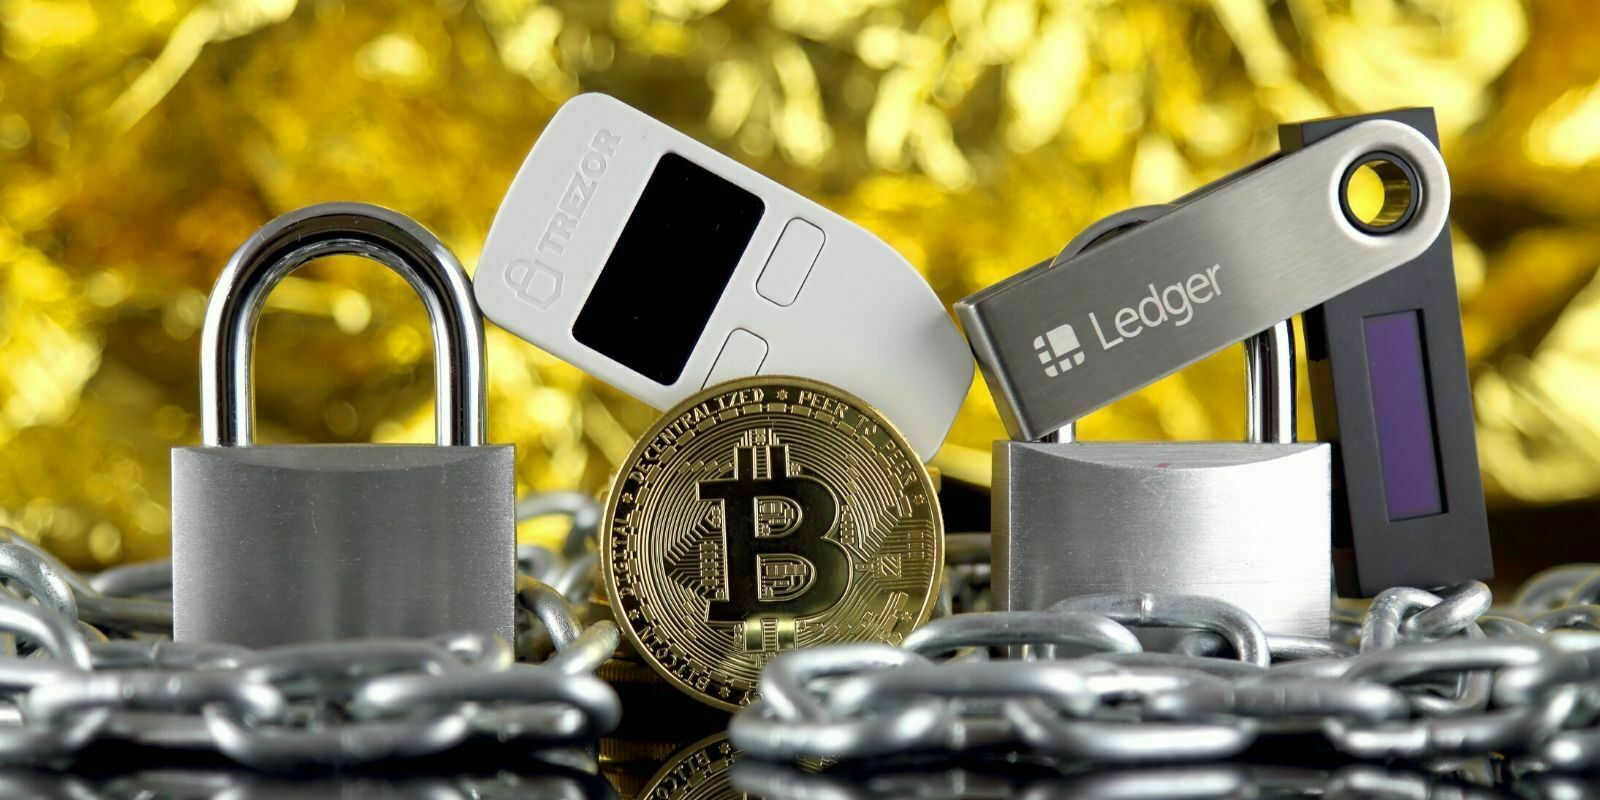 Ledger et Trezor démentent les allégations de piratage de leurs bases de données